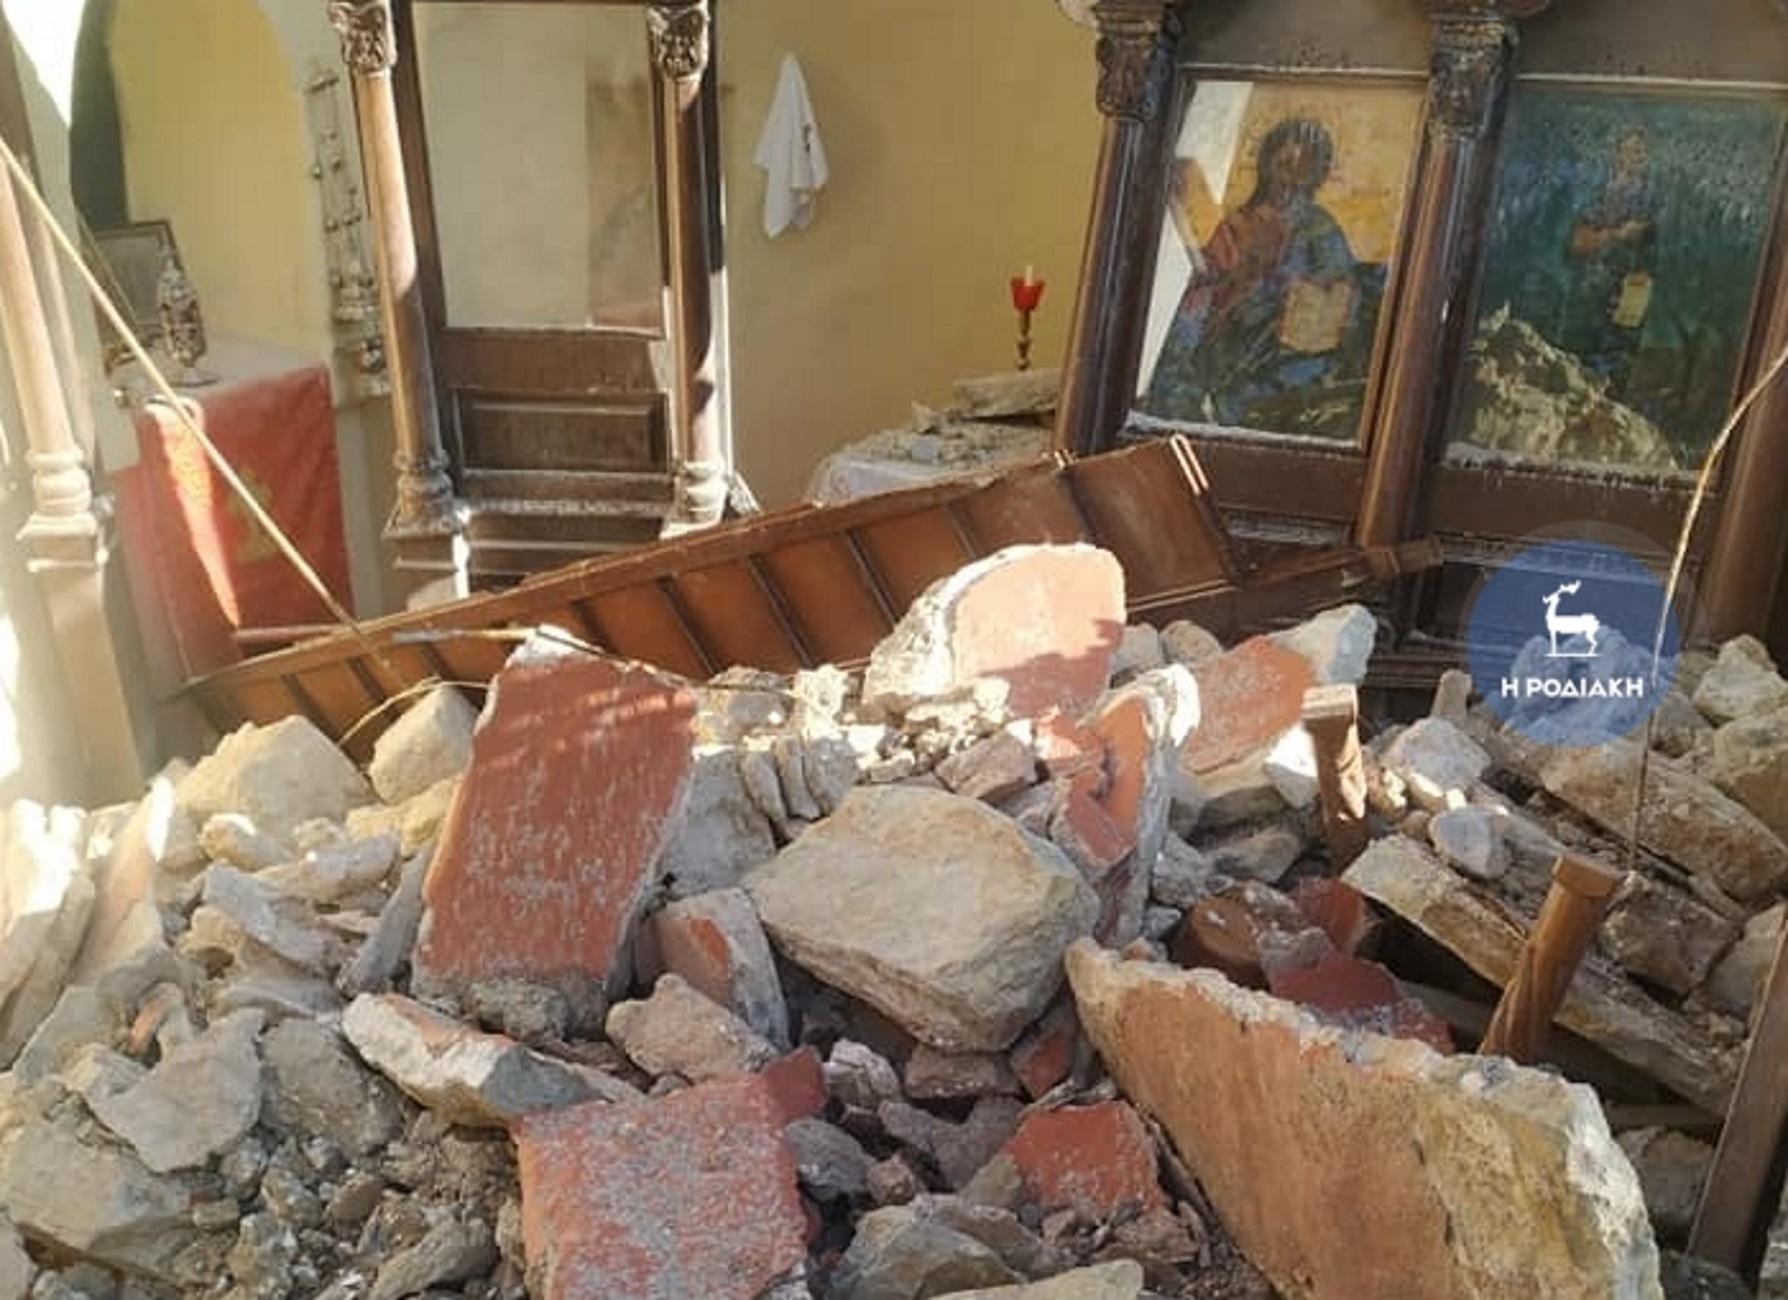 Σύμη: Κατολίσθηση διέλυσε ιστορικό μοναστήρι! Οι βράχοι σταμάτησαν μπροστά στην Αγία Τράπεζα [pics, video]